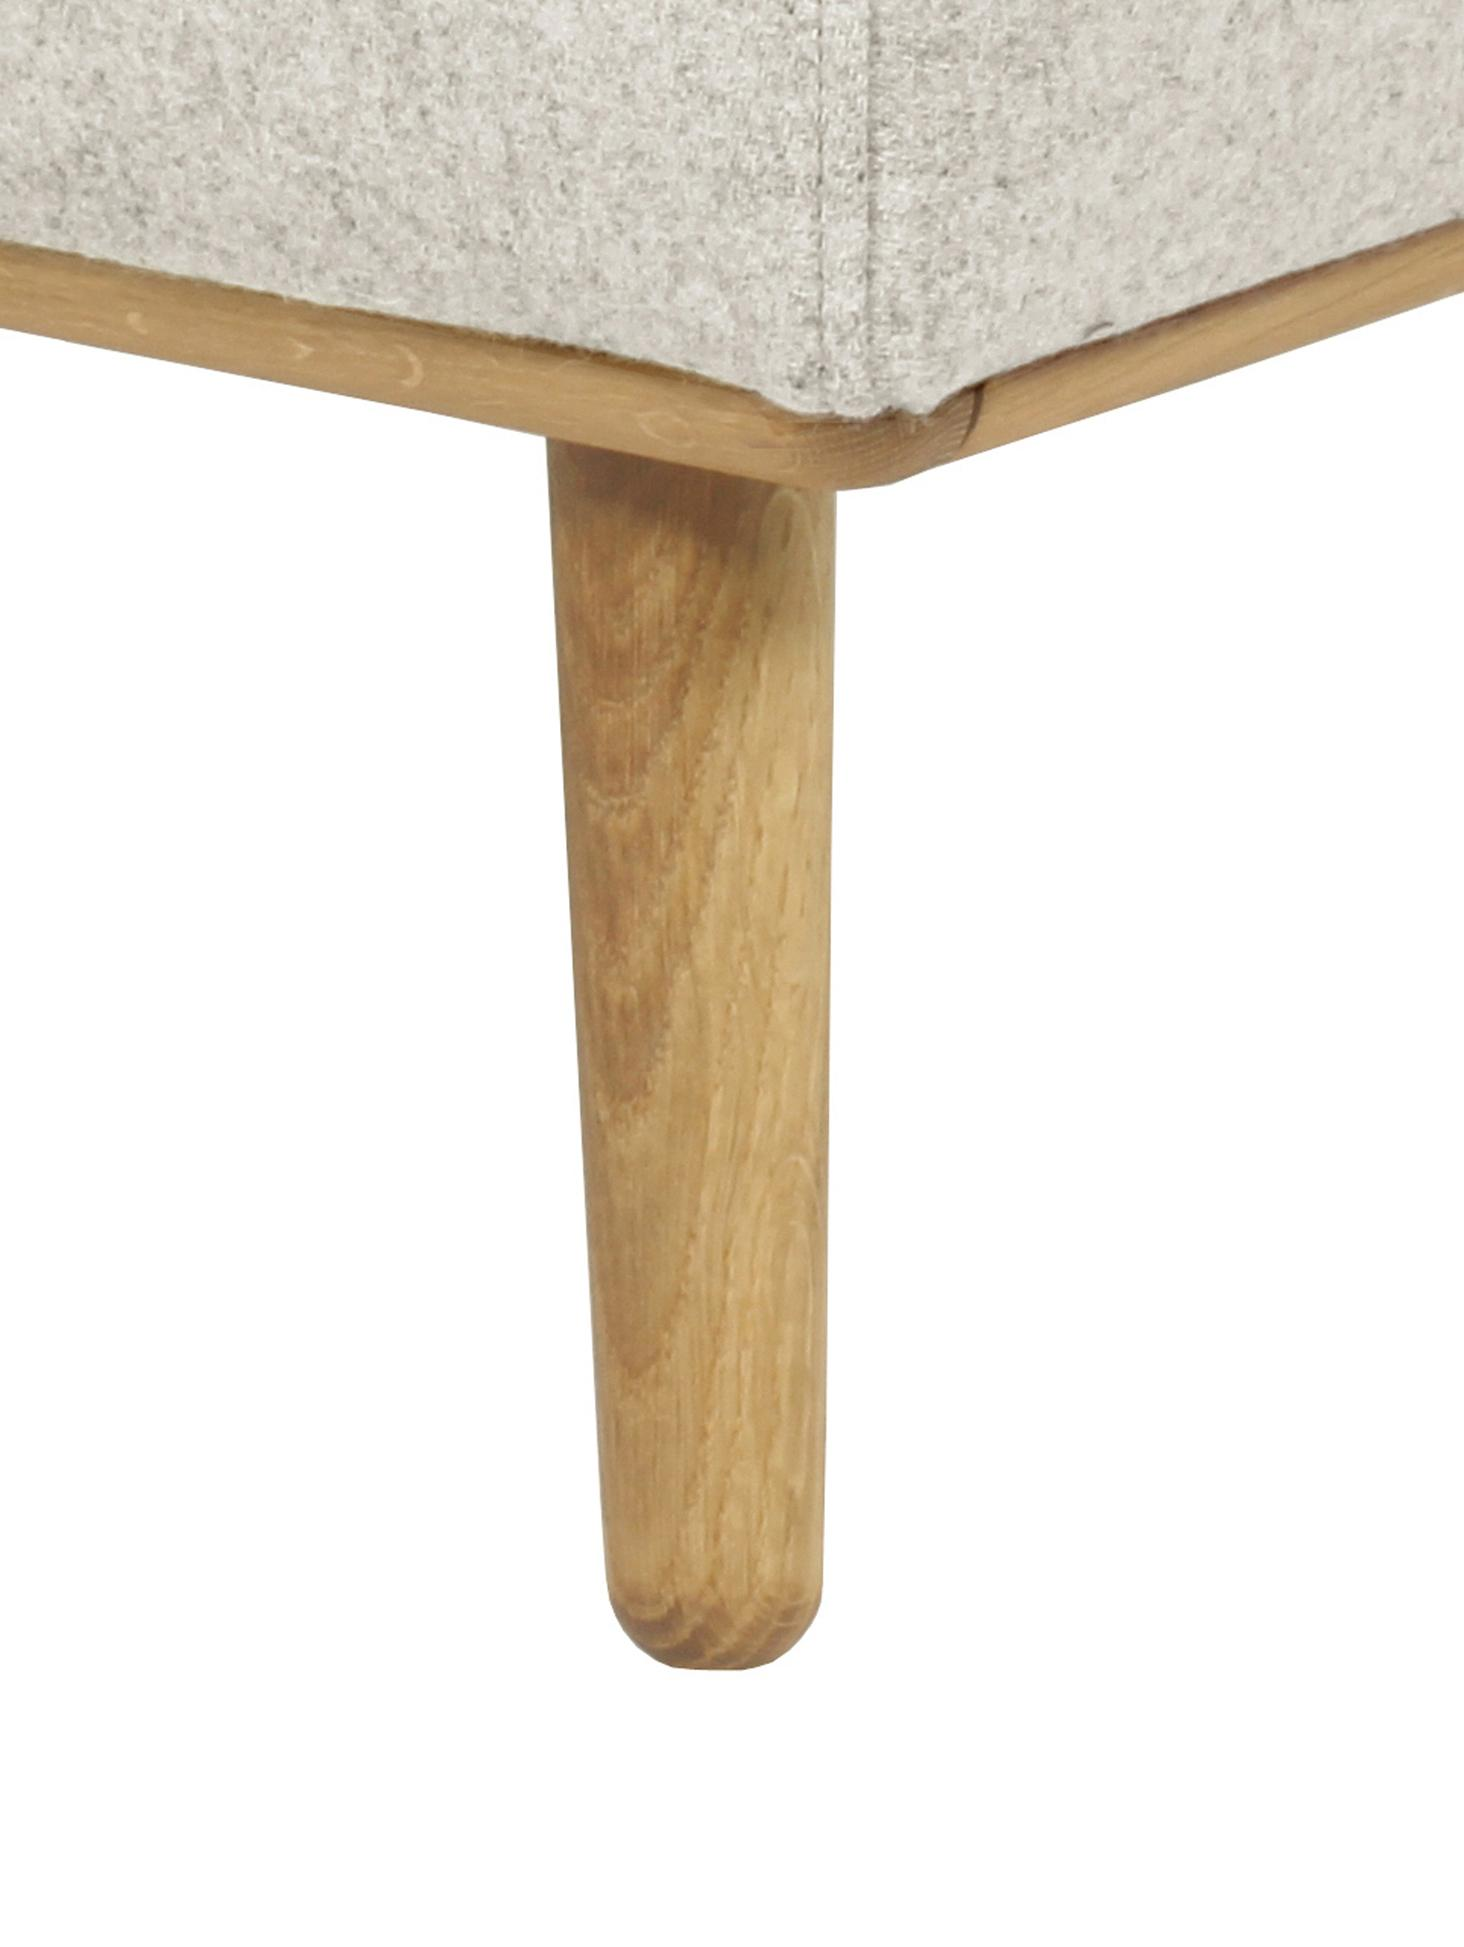 Hocker Archie mit Wollbezug, Bezug: 100% Wolle 30.000 Scheuer, Gestell: Kiefernholz, Füße: Massives Eichenholz, geöl, Webstoff Beige, 87 x 45 cm